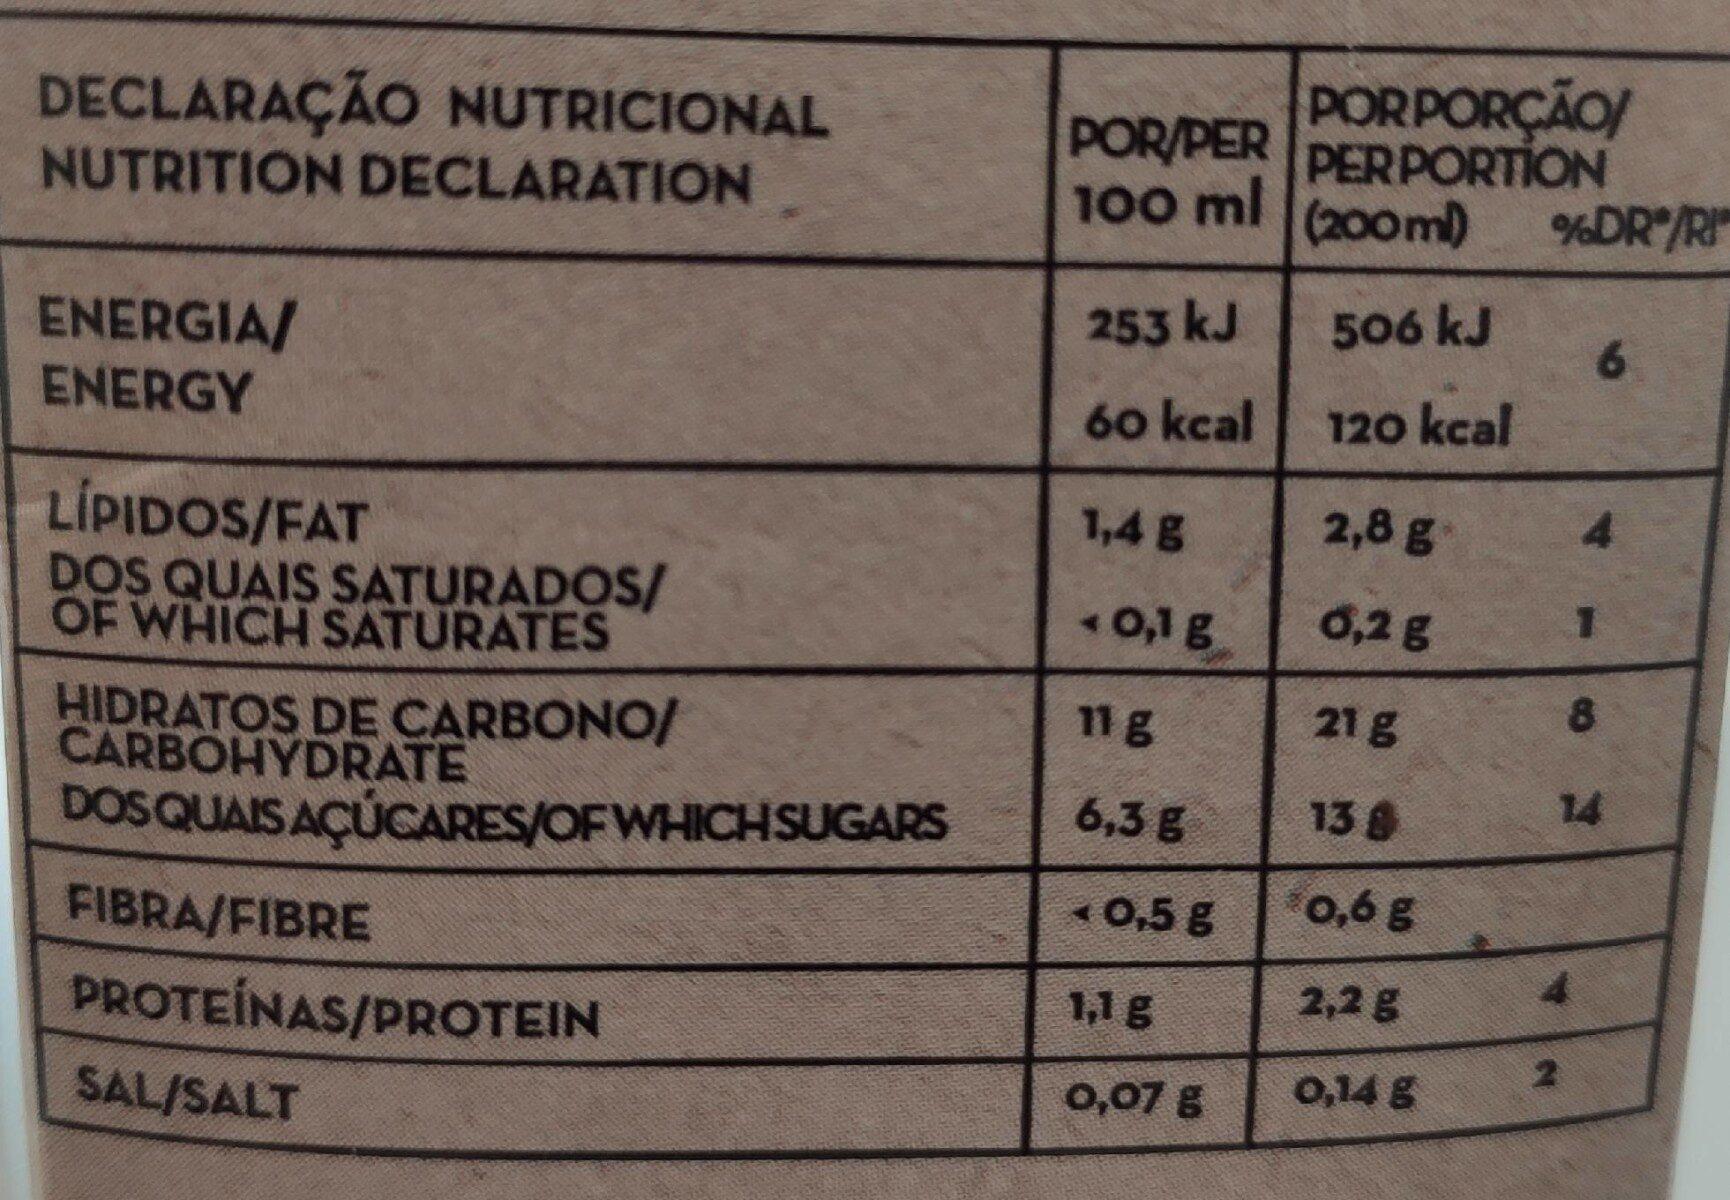 Boisson quinoa - Nutrition facts - pt